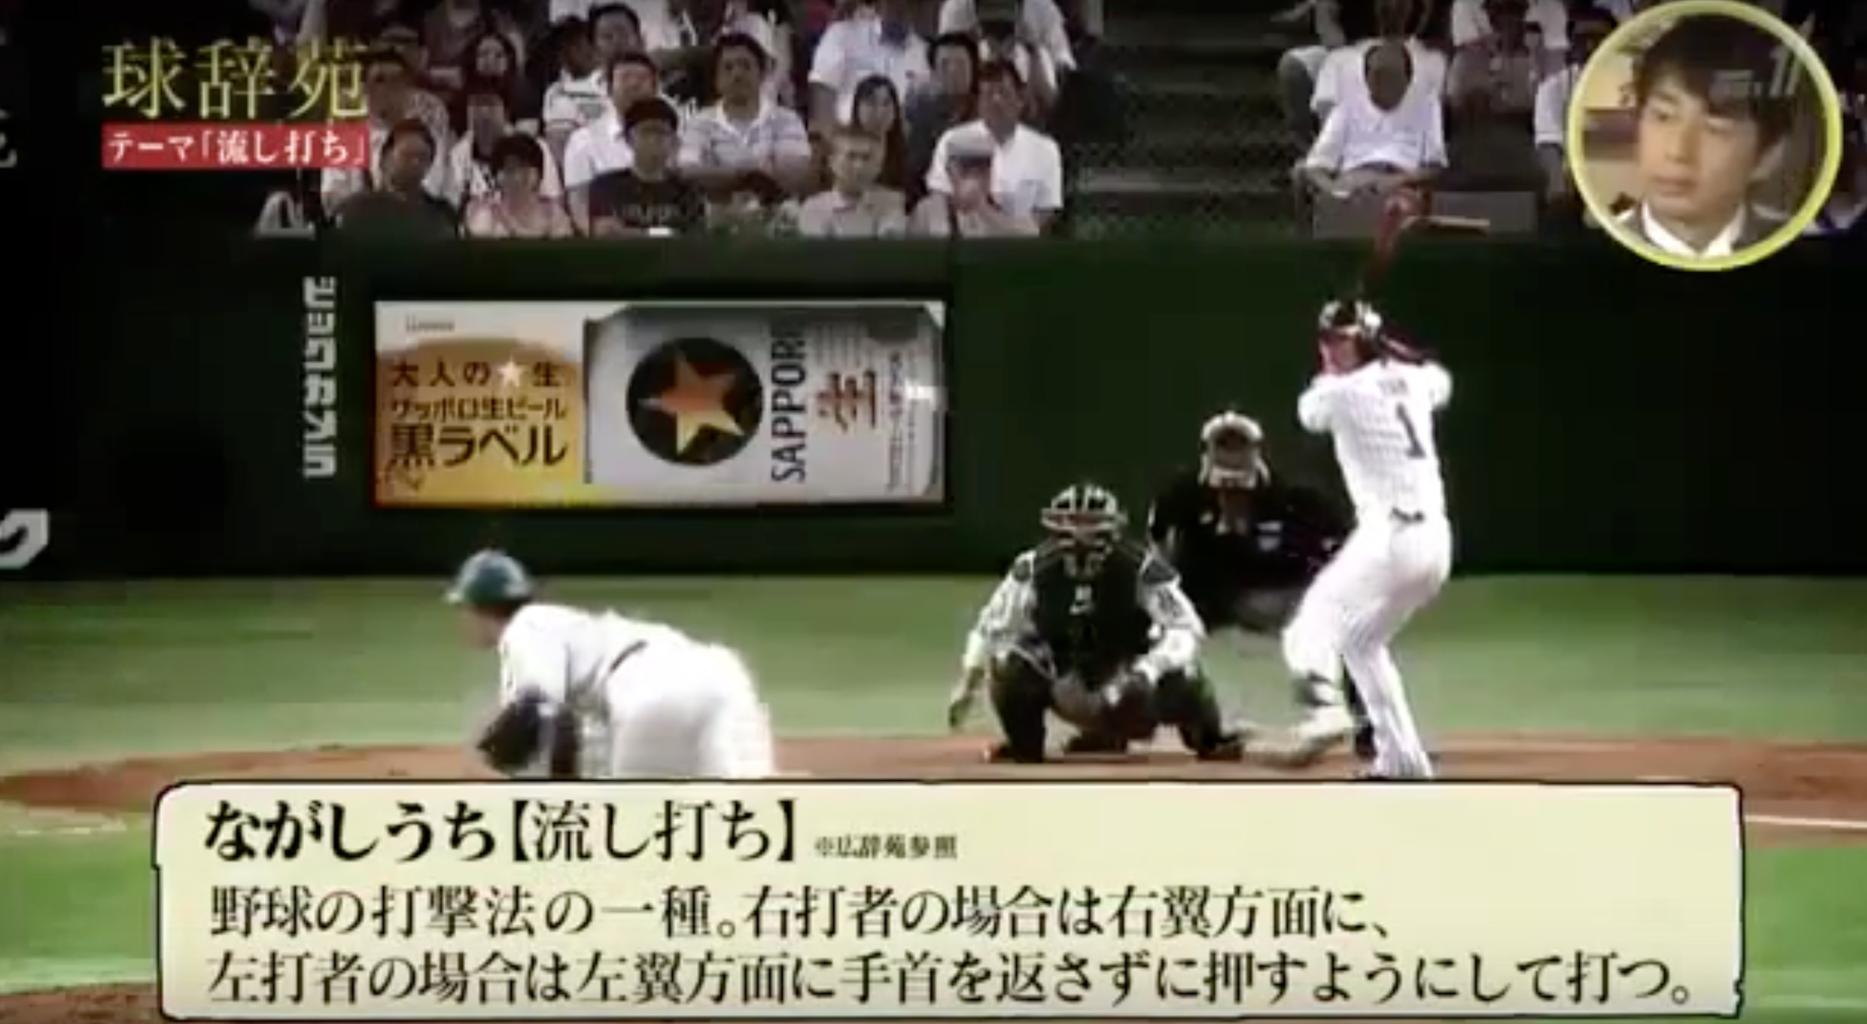 球辞苑 流打ち編考察 : 本日野球...